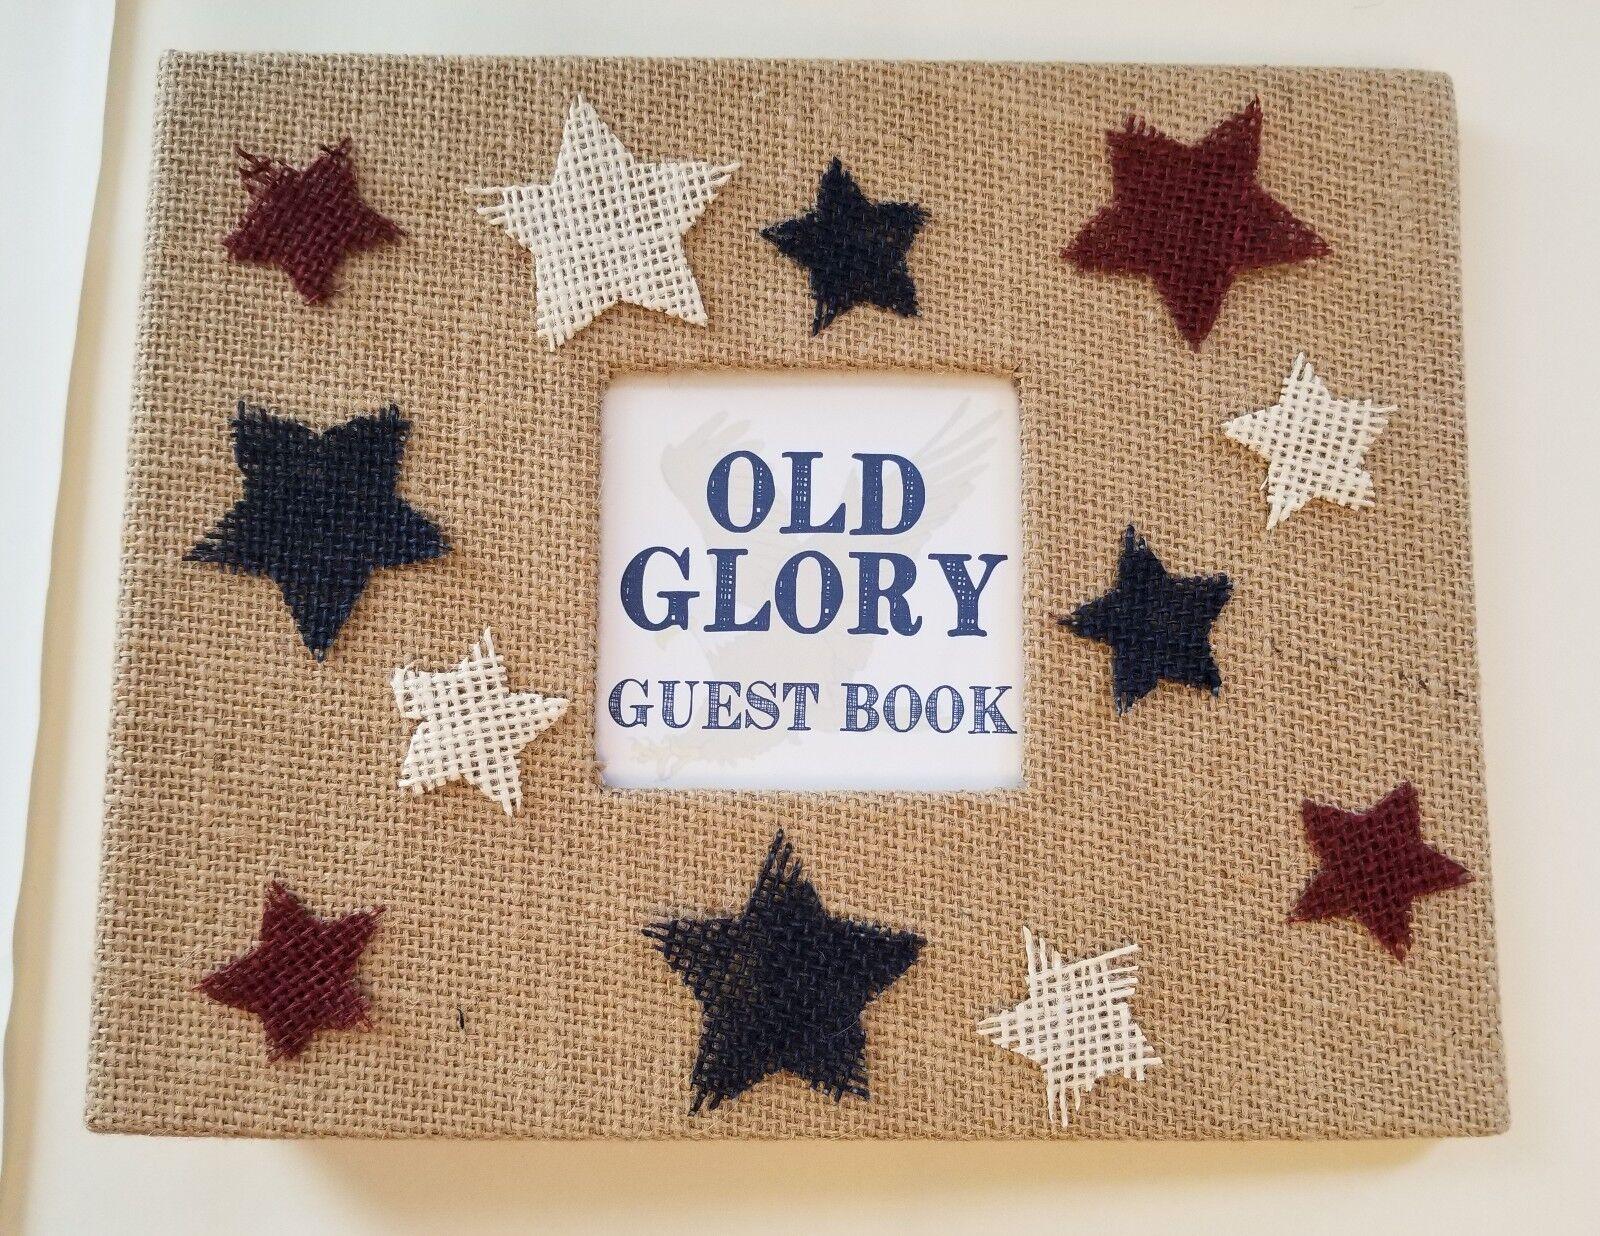 Rustique American Guest Book Set-LIVRE D'OR JUTE location signe maison cadeau AGENT